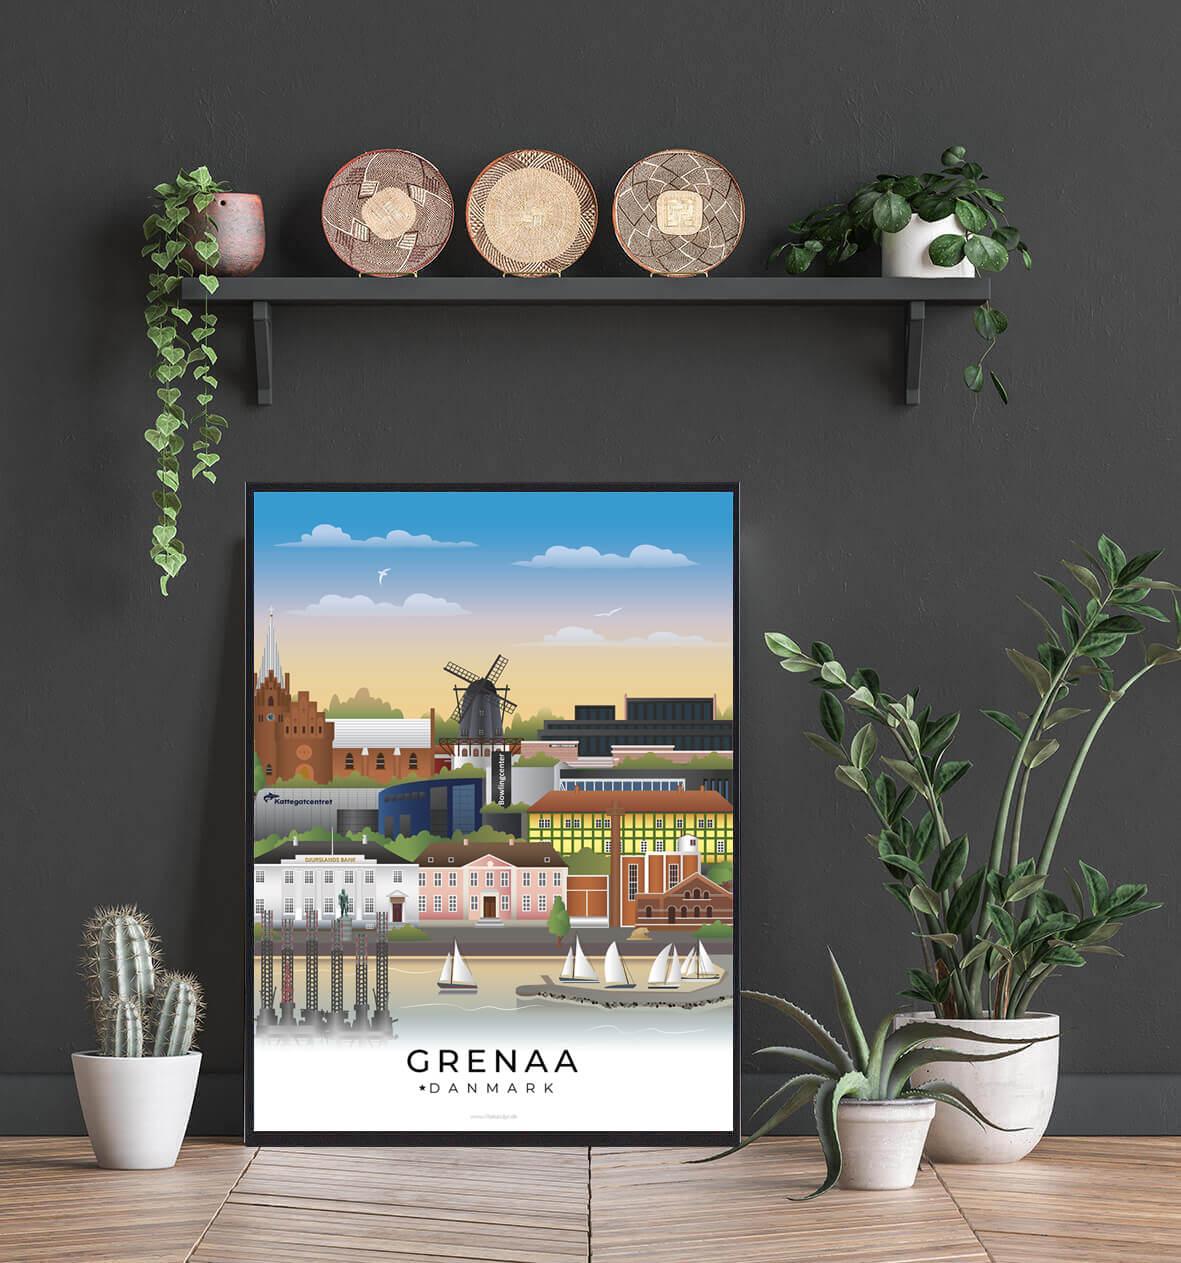 Grenaa-byplakat-2